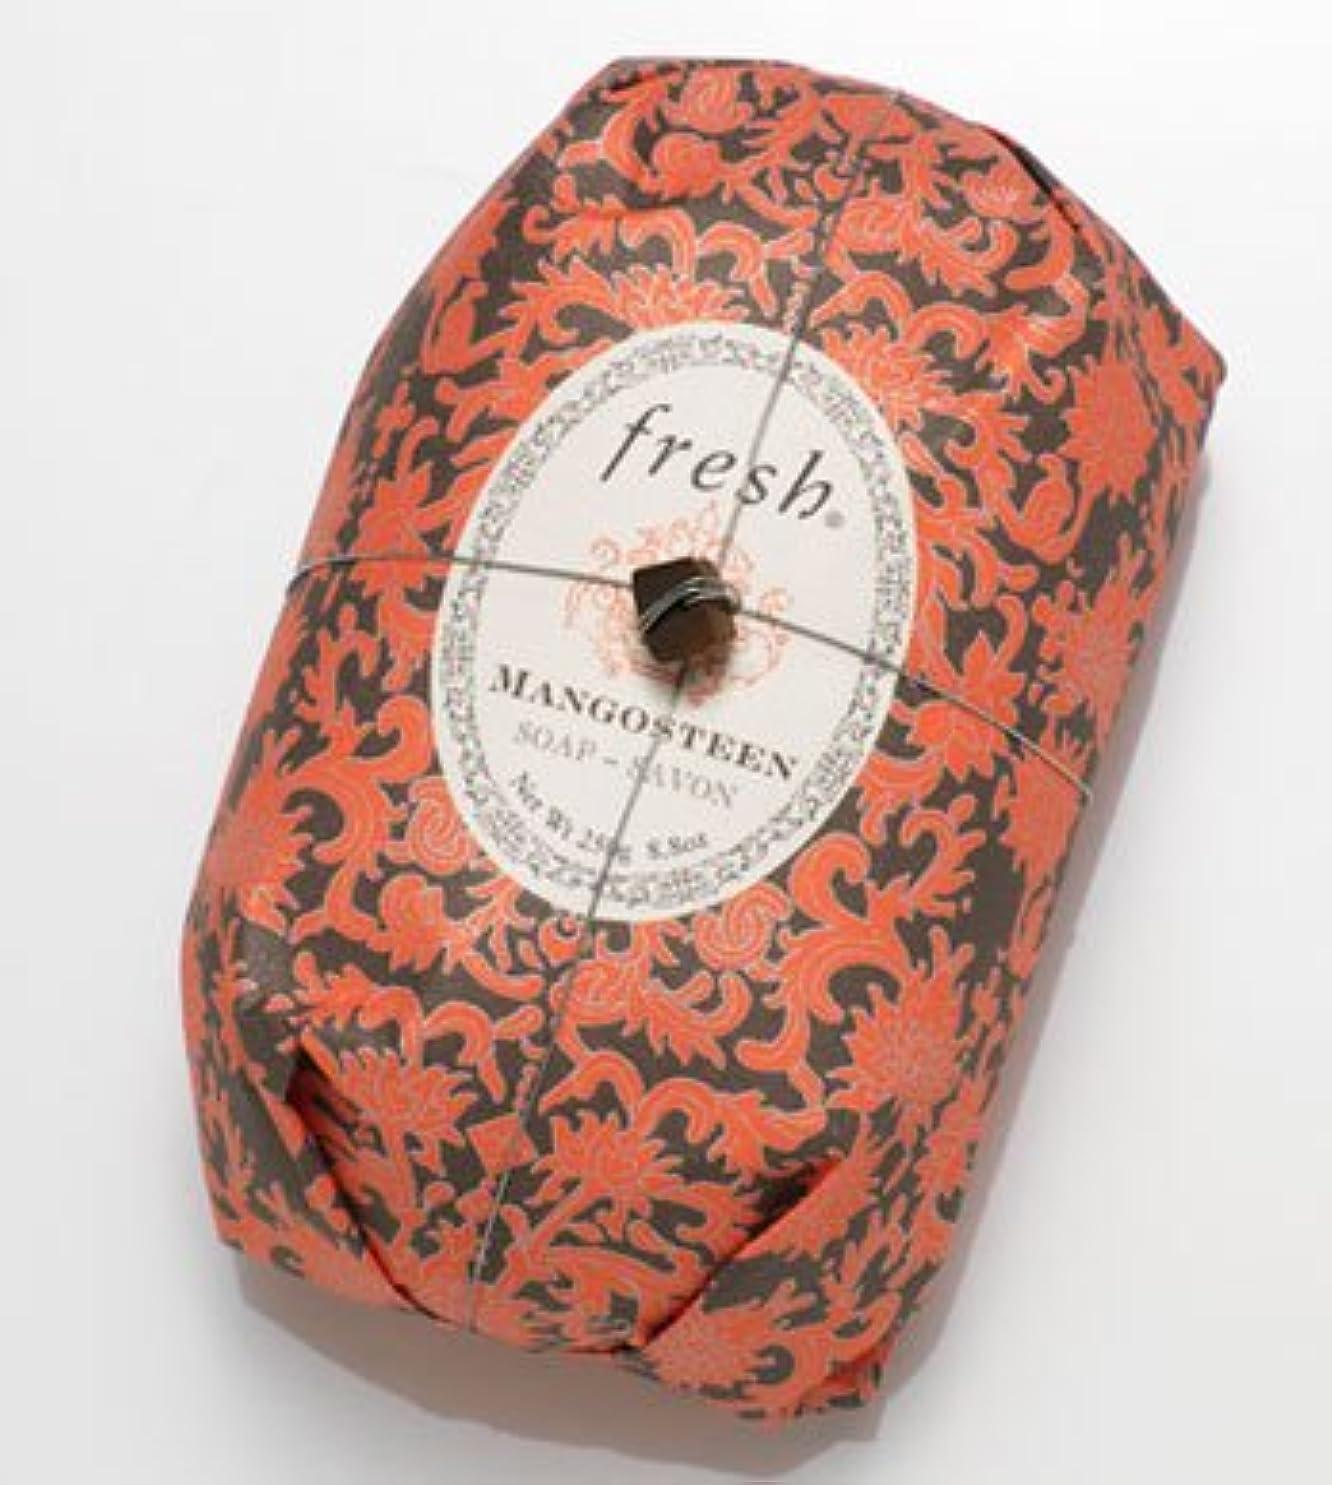 避難盟主言うFresh MANGOSTEEN SOAP (フレッシュ マンゴスチーン ソープ) 8.8 oz (250g) Soap (石鹸) by Fresh